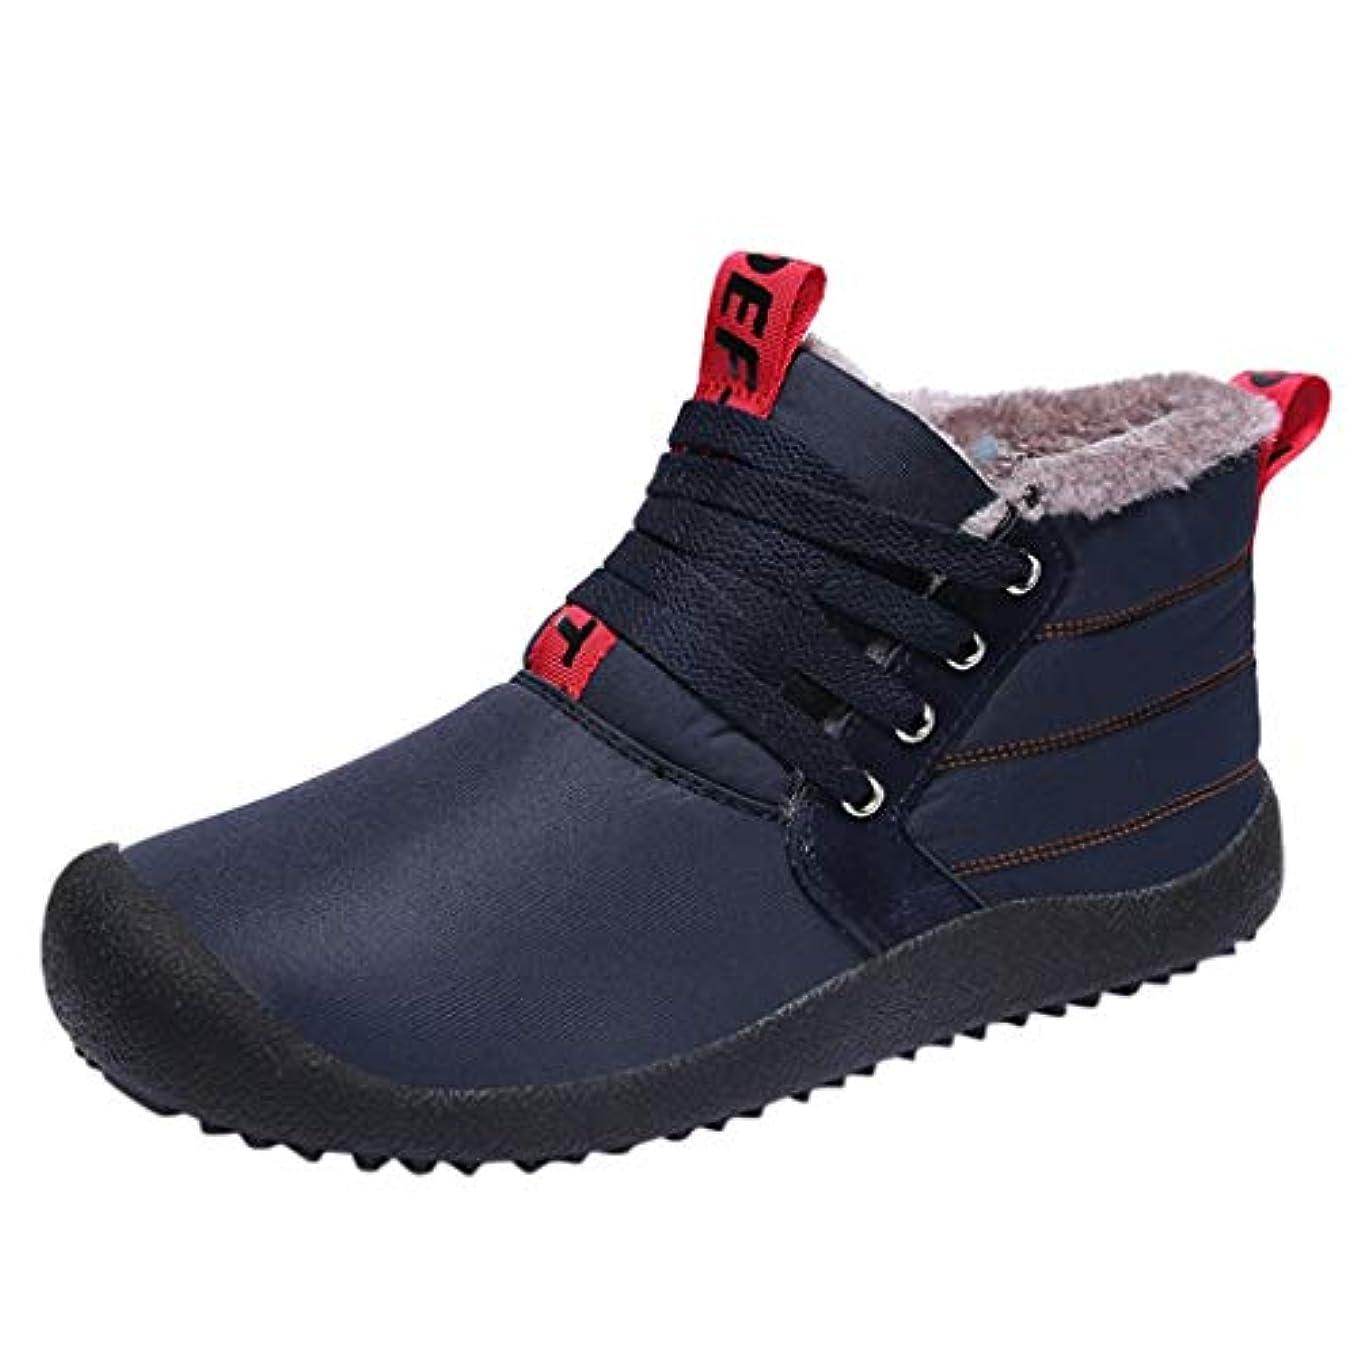 変成器騒ぎ等価Lefthigh メンズ カジュアル プラス ベルベット 暖かい コットン ブーツ 防水 ハイキング 快適 スノーブーツ アウトドア フットウェア